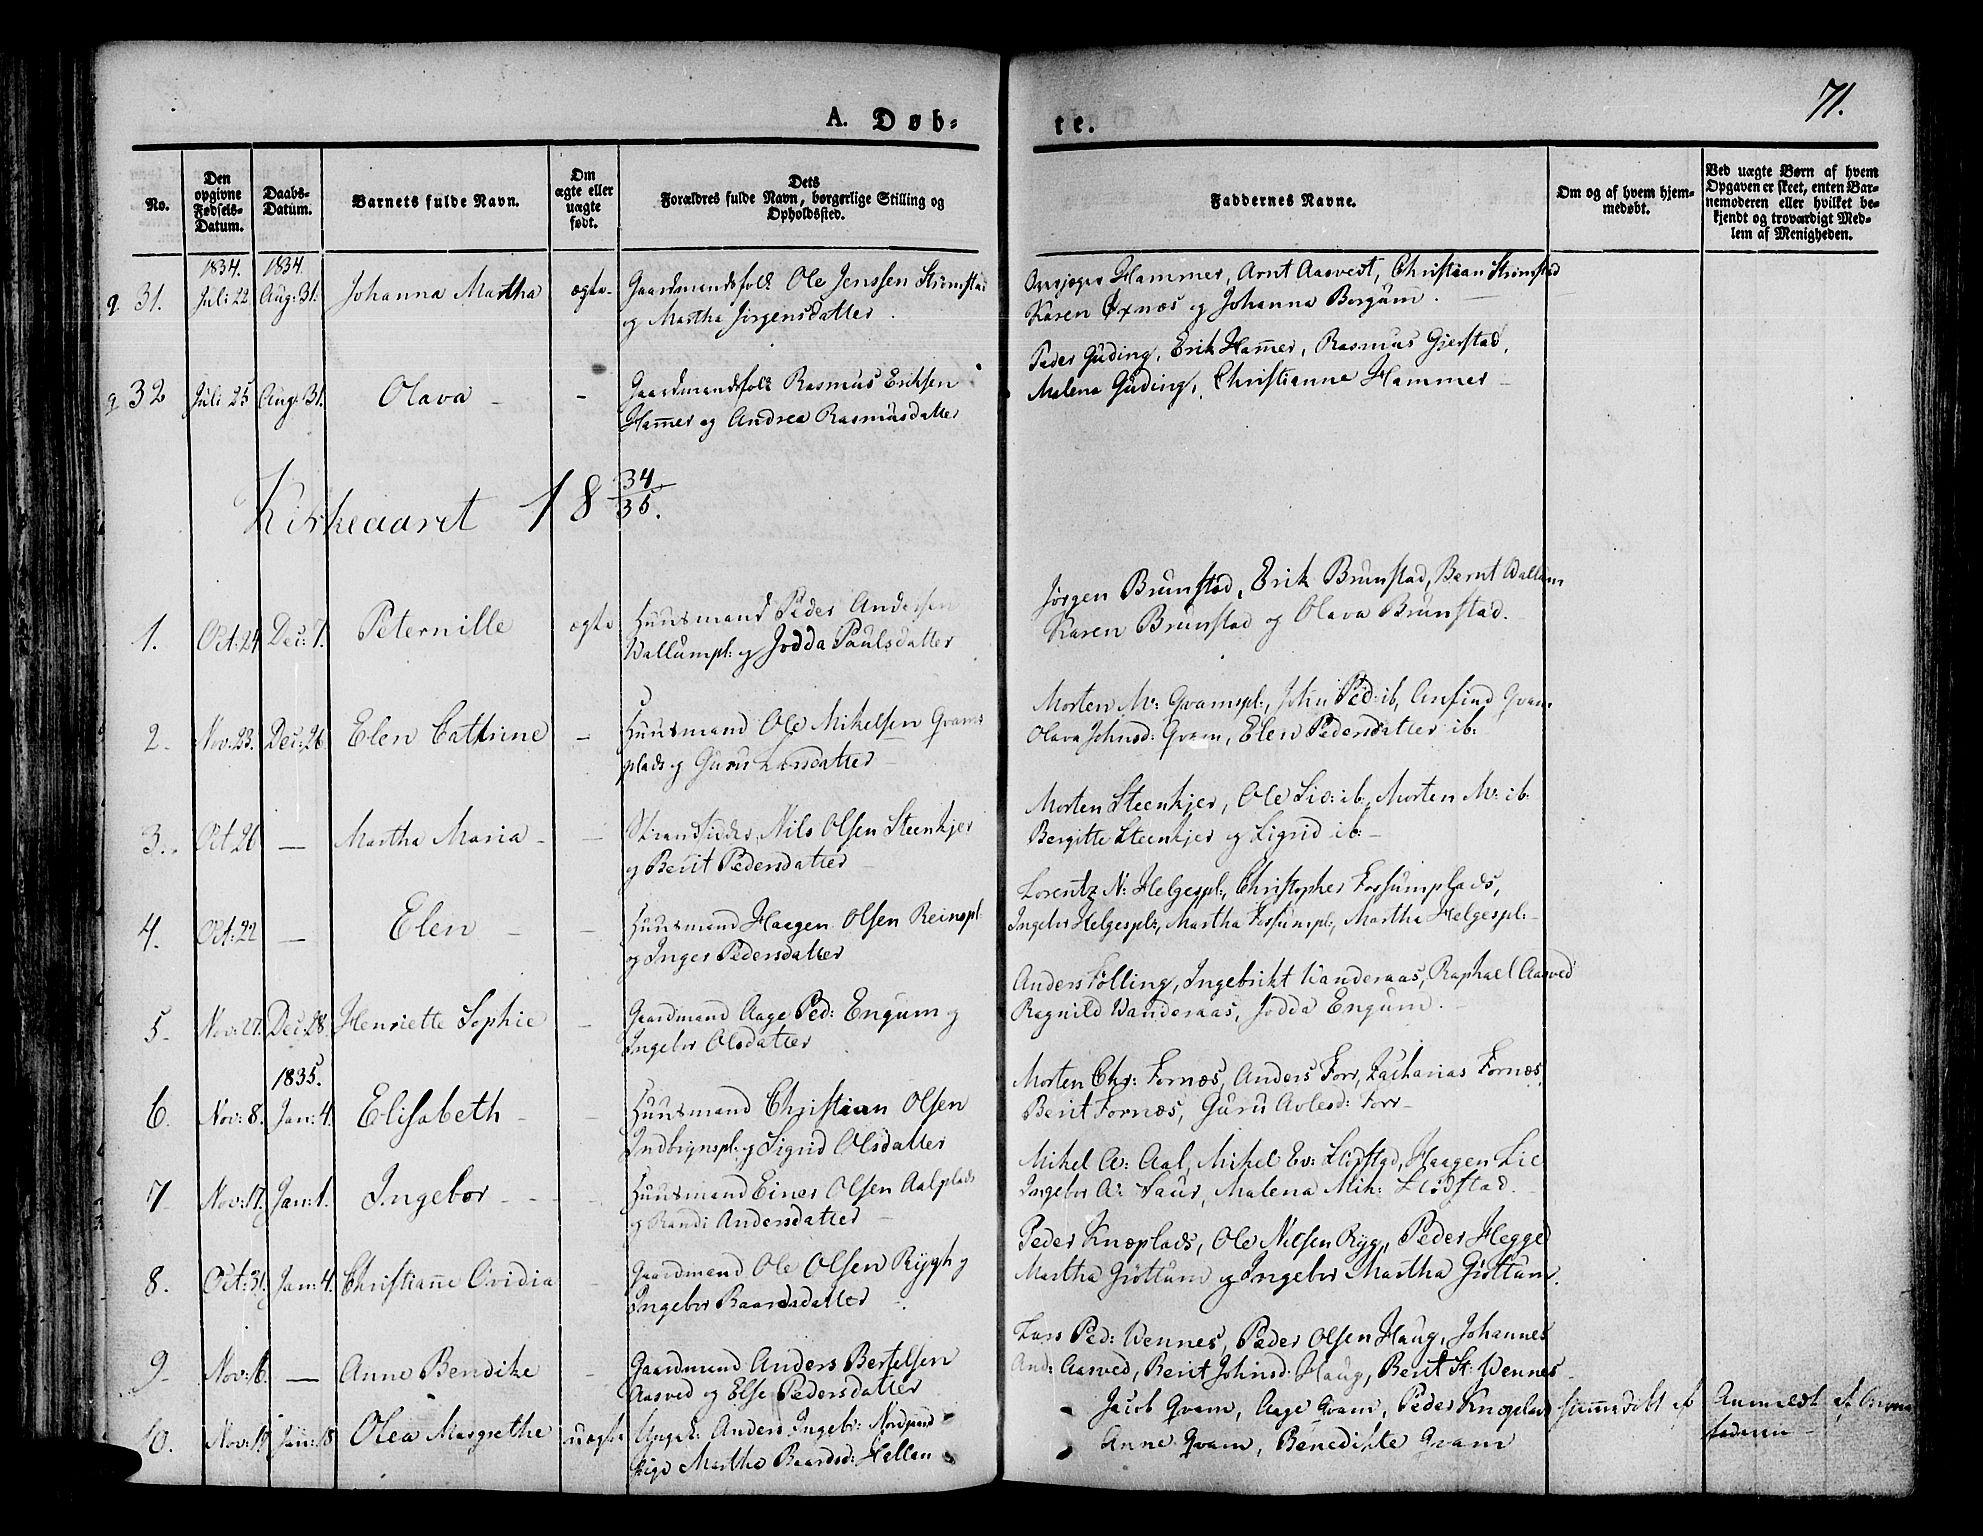 SAT, Ministerialprotokoller, klokkerbøker og fødselsregistre - Nord-Trøndelag, 746/L0445: Ministerialbok nr. 746A04, 1826-1846, s. 71